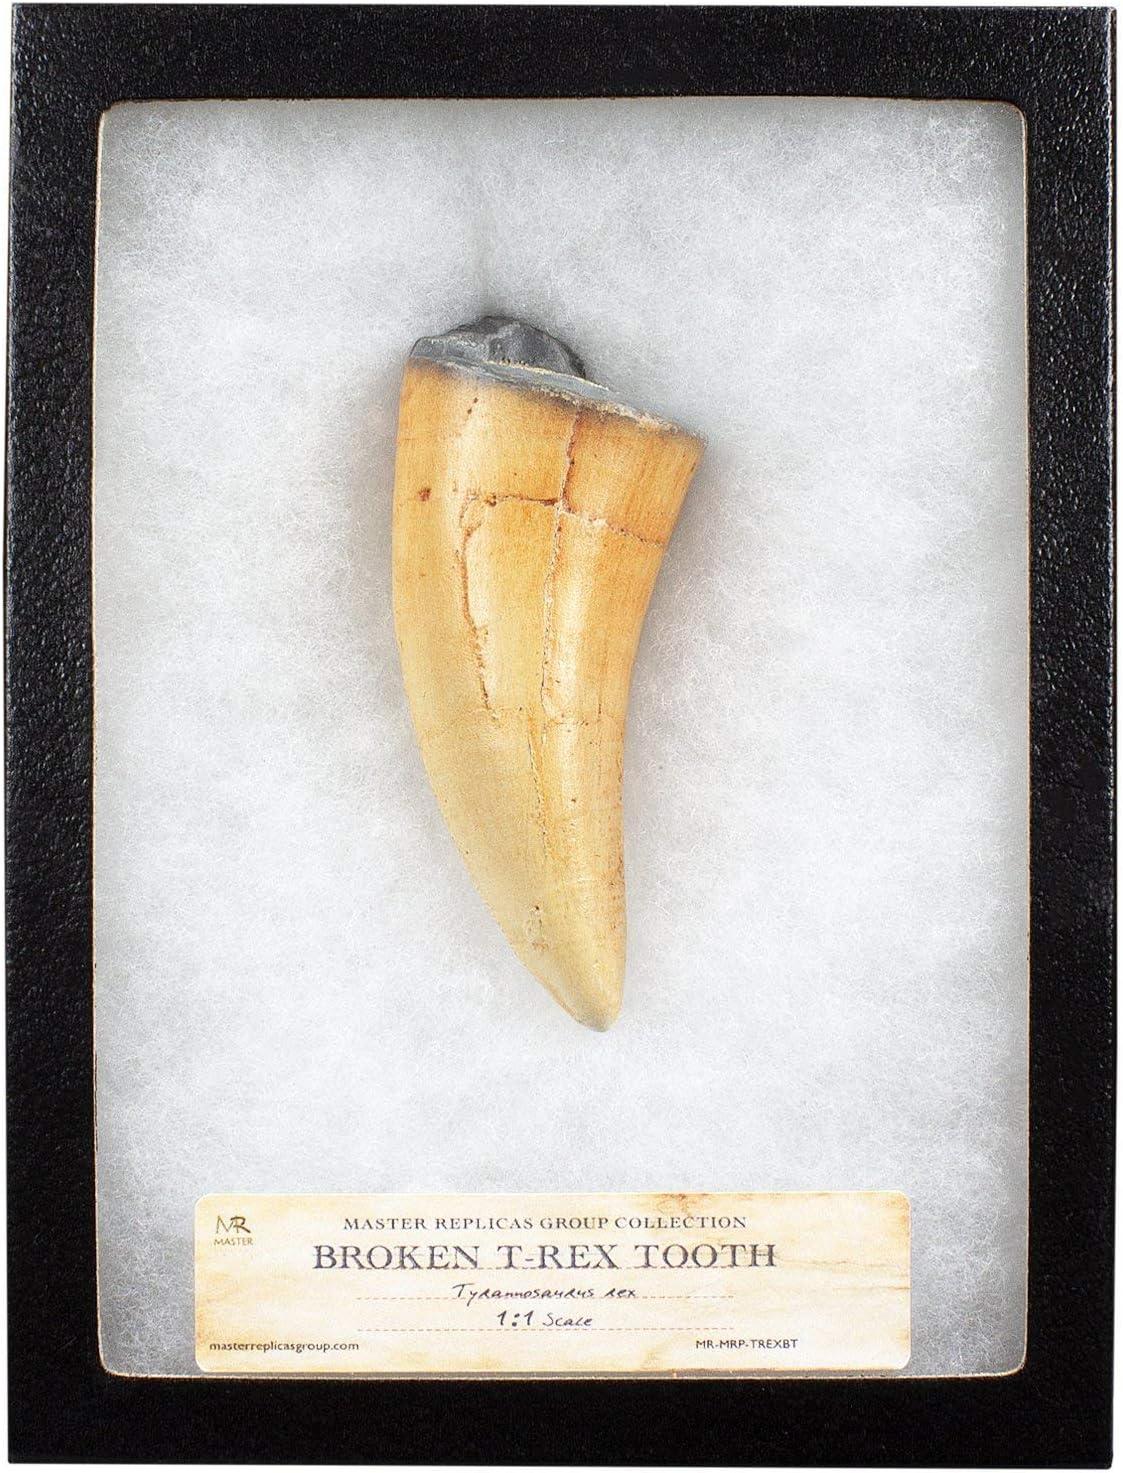 미스터 깨진 T-렉스 치아 화석 복제